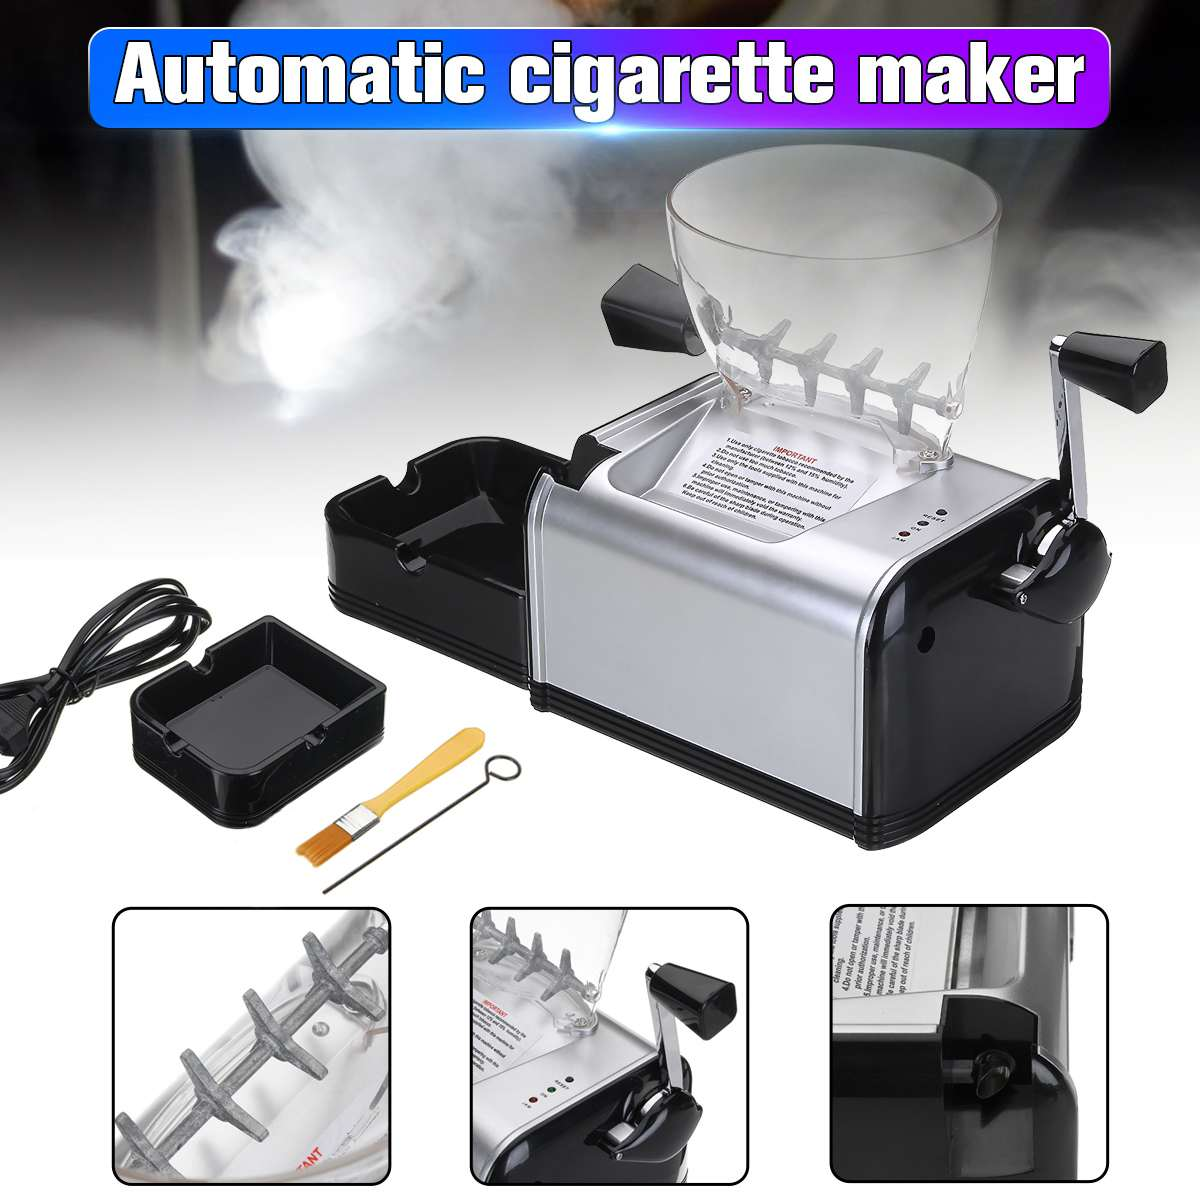 Nouveau 220 V automatique électrique faisant rouler la Machine à cigarettes tabac rouleau fabricant injecter 8mm Tube Portable outil de fumer